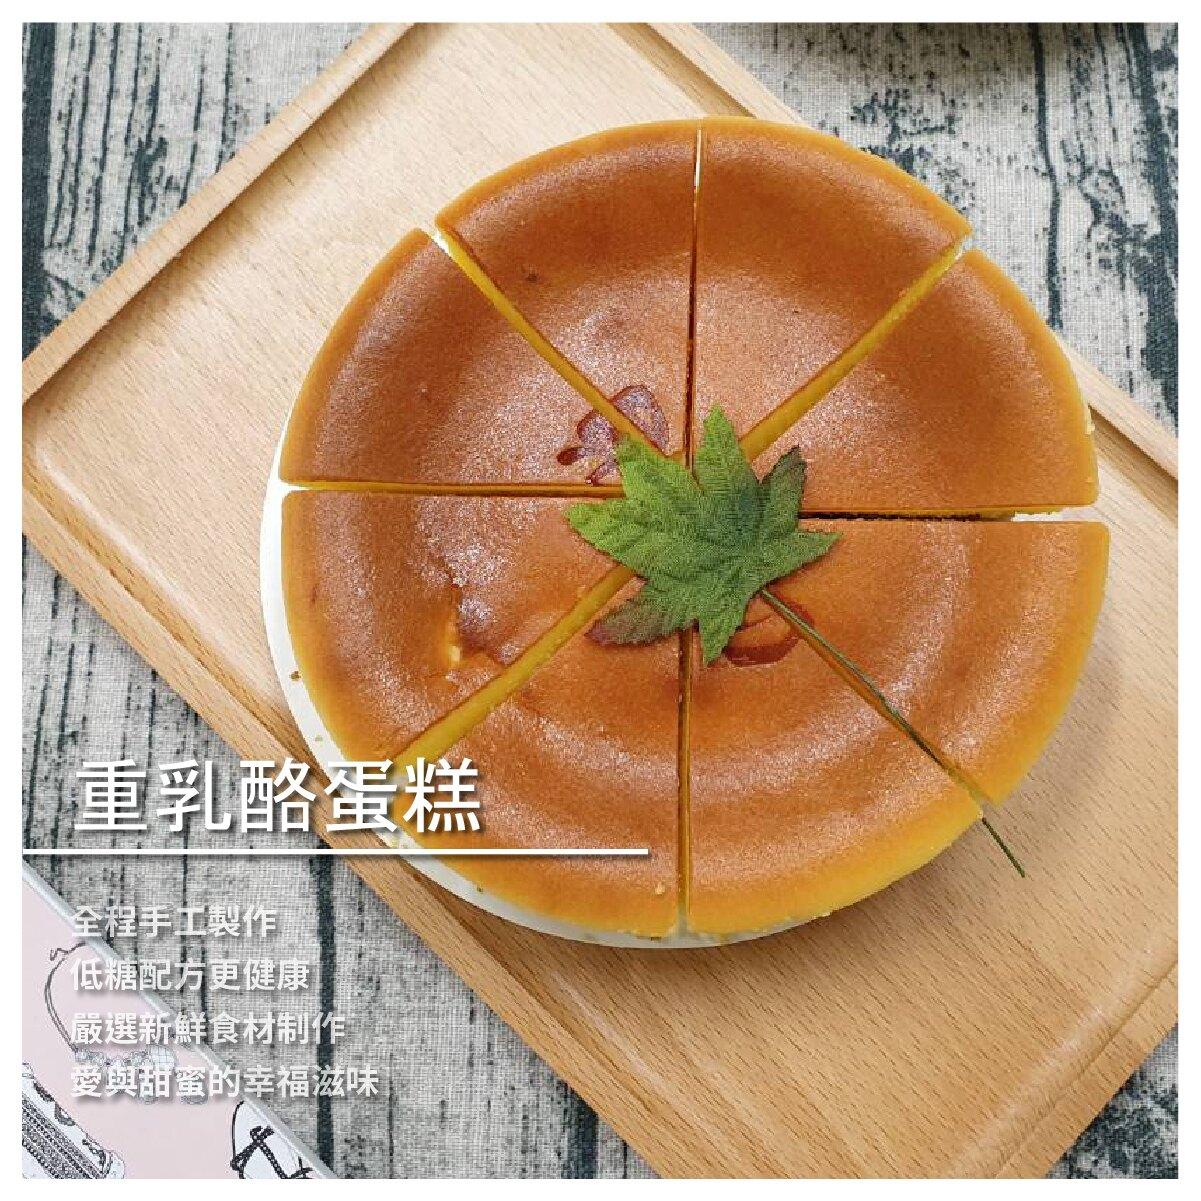 【潼話手作坊】重乳酪蛋糕/5吋